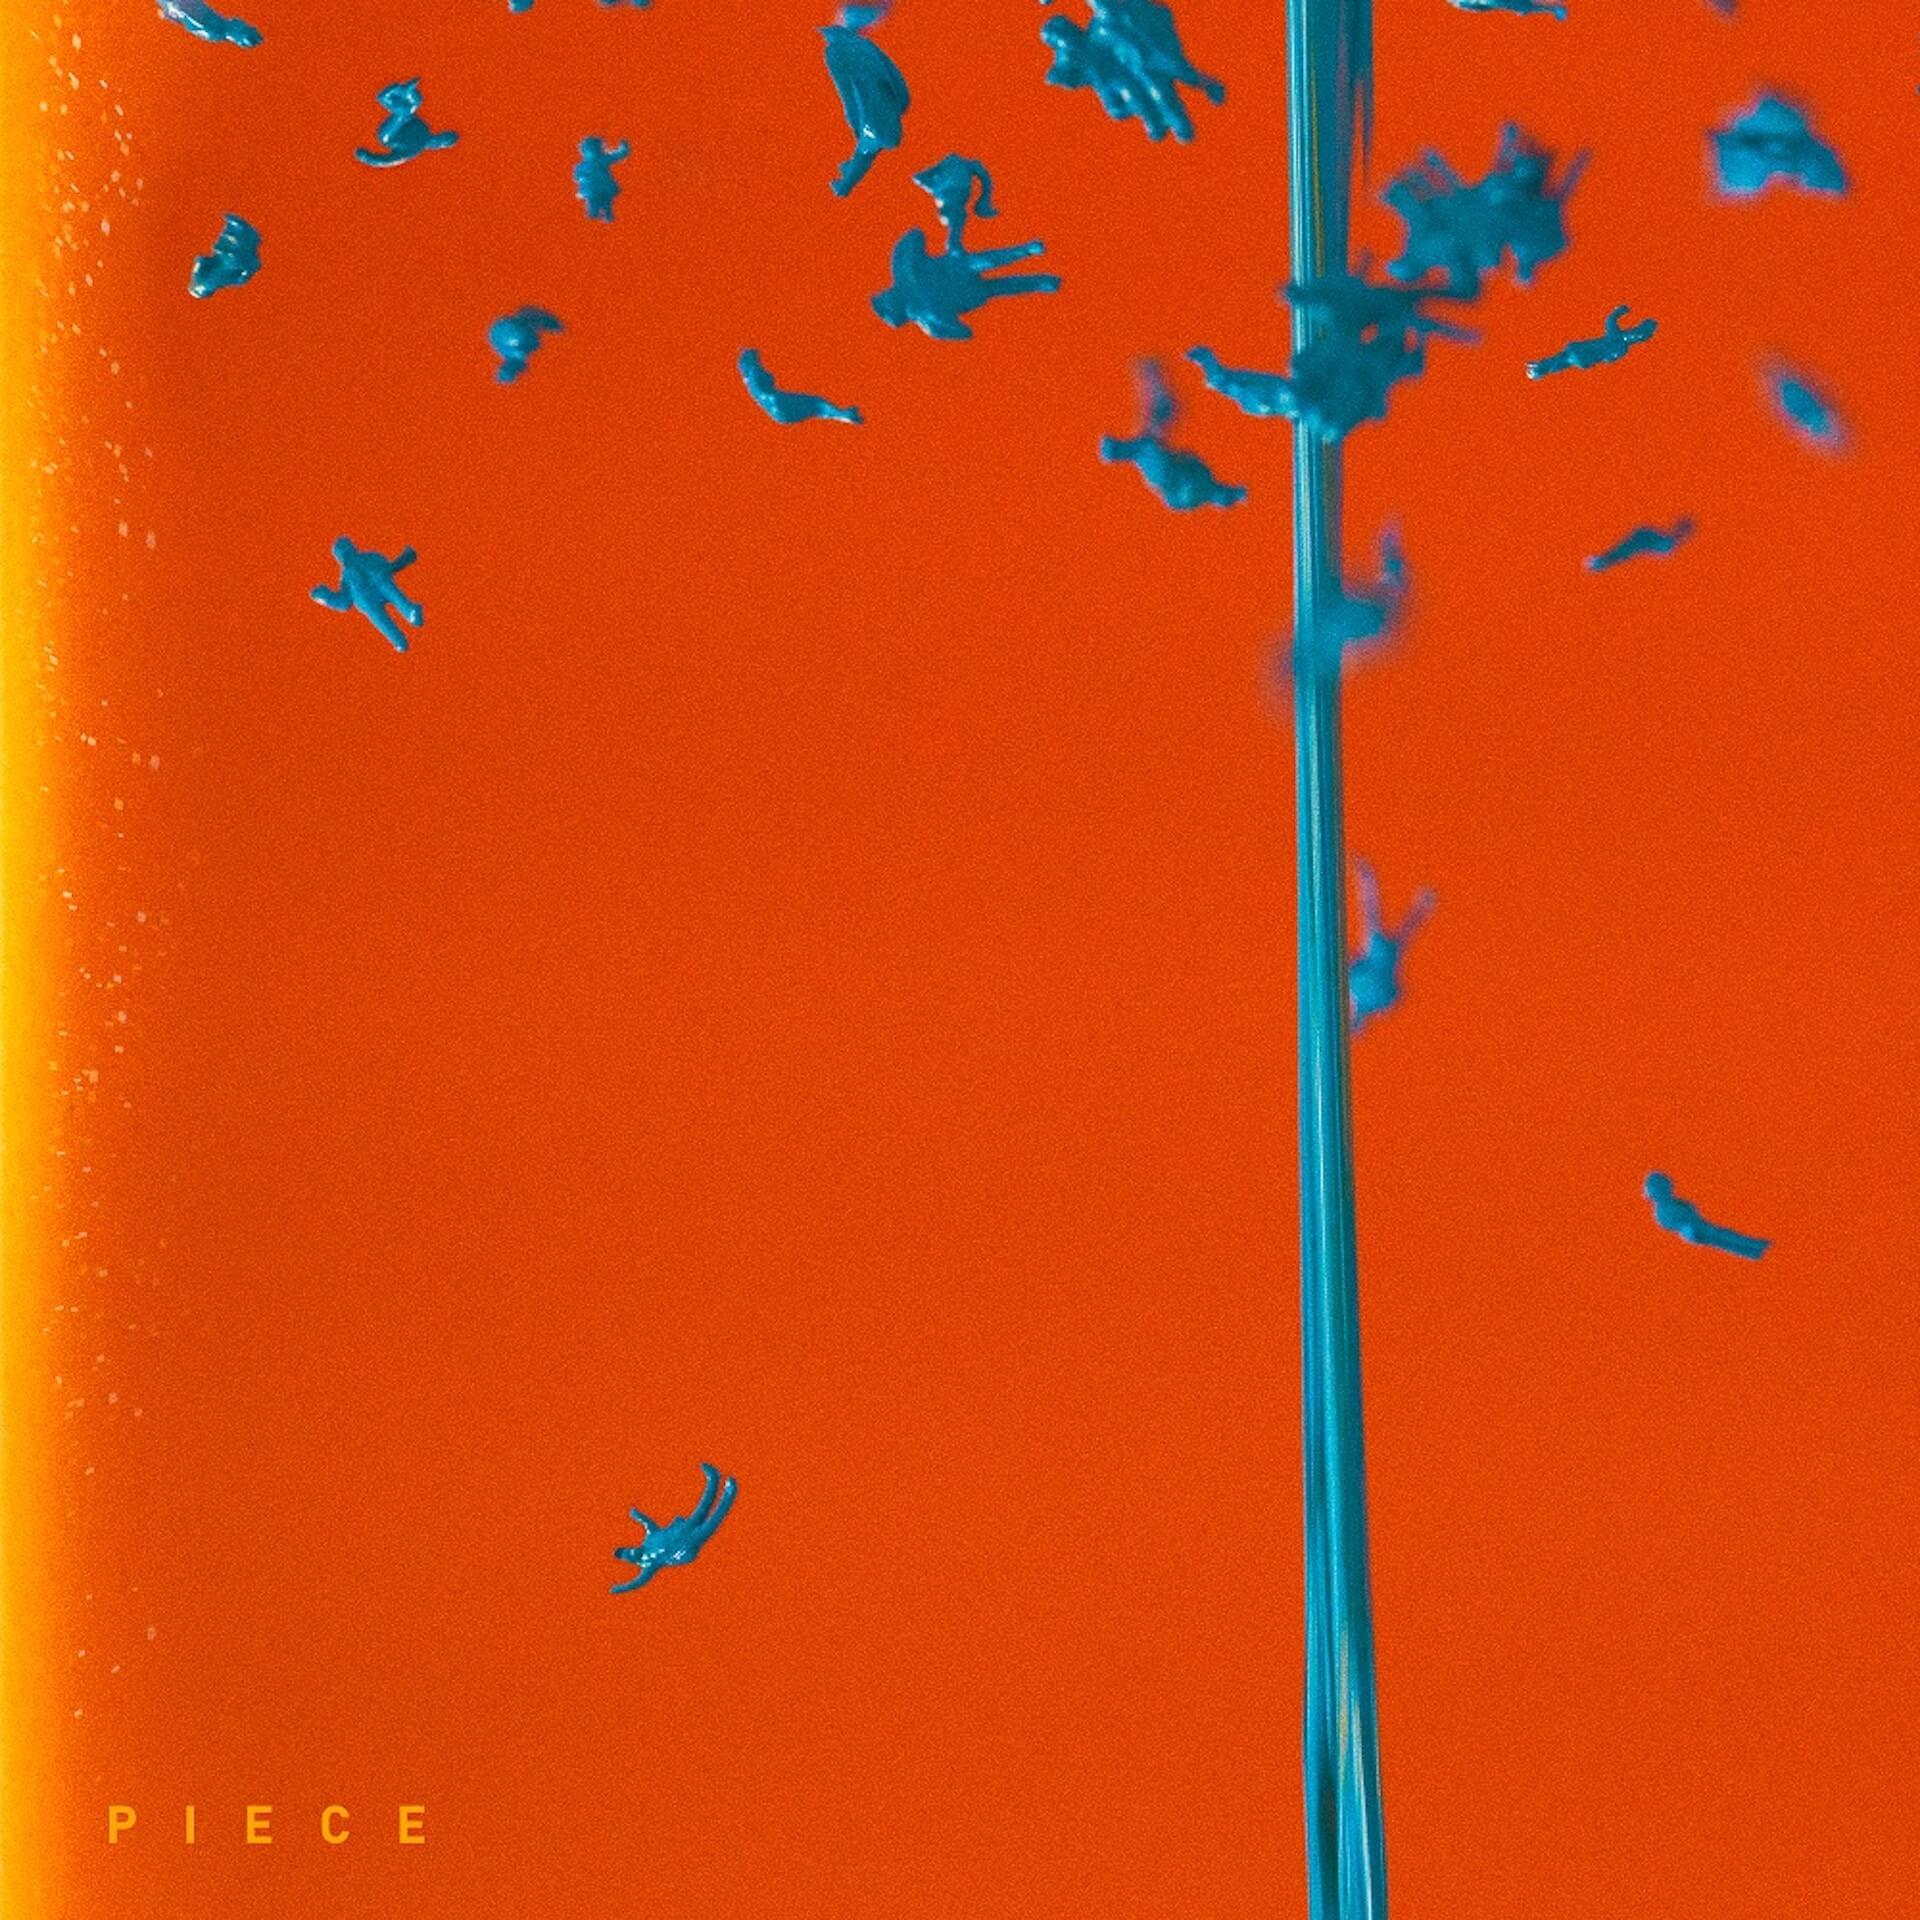 """TENDREが配信シングル""""PIECE""""でメジャーデビュー決定!公式YouTubeチャンネル開設&""""PIECE""""のMVも明日解禁 music210406_tendre_2"""